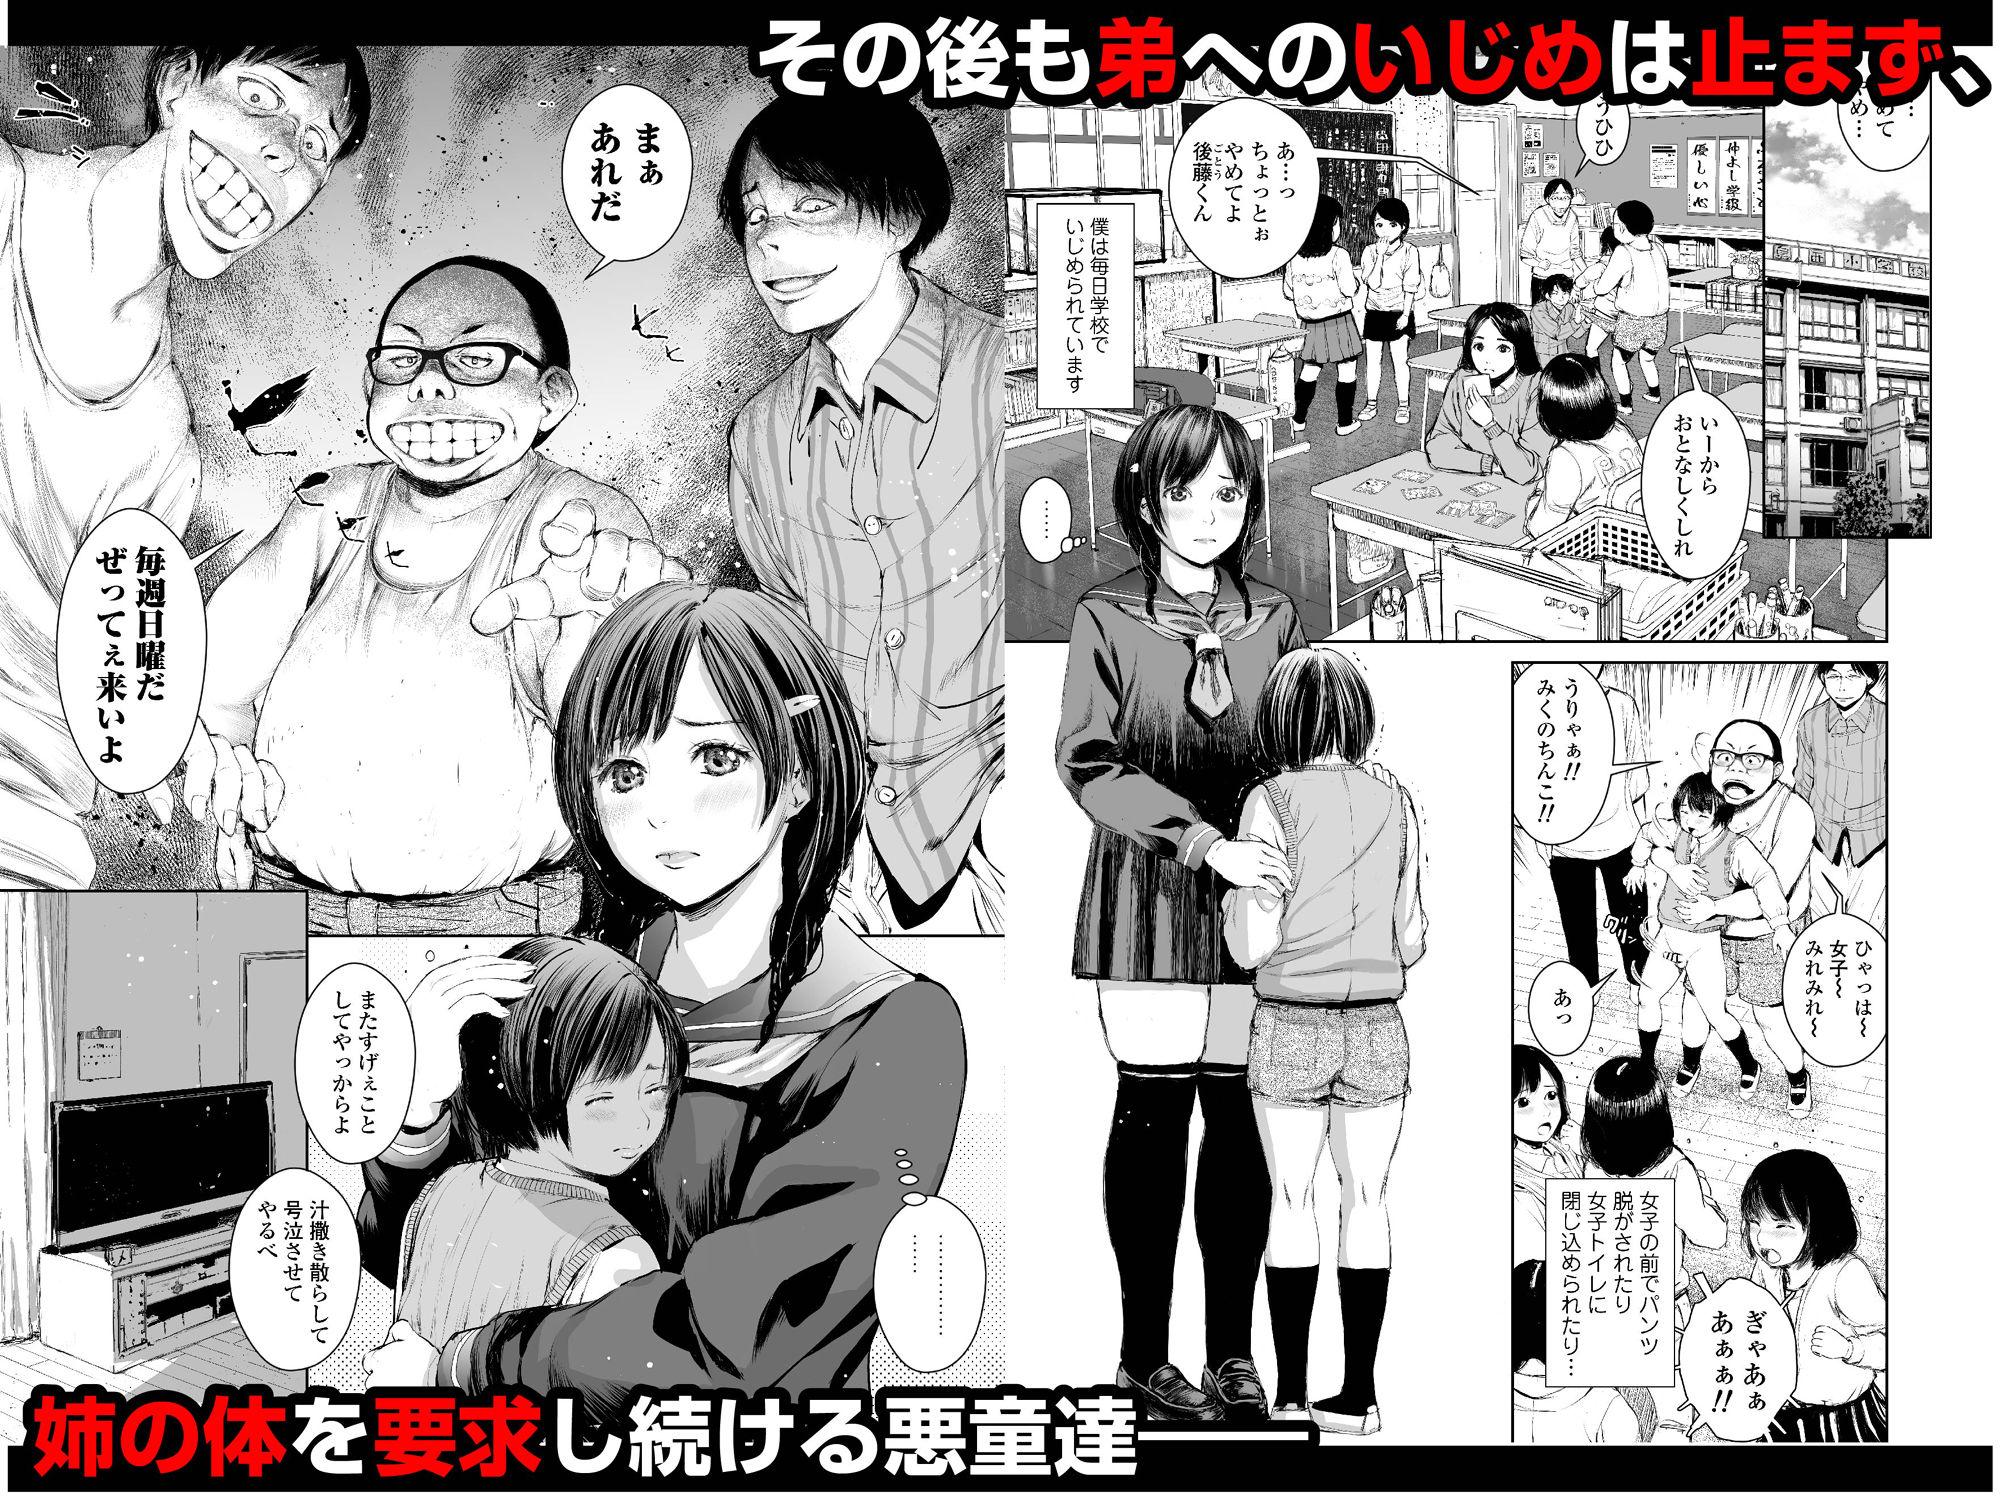 【エロ漫画】姉を売った2 娼年Mがみた大人の性暴力 閉鎖的な田舎で‥「サークル:三崎」【同人誌・コミック】#4